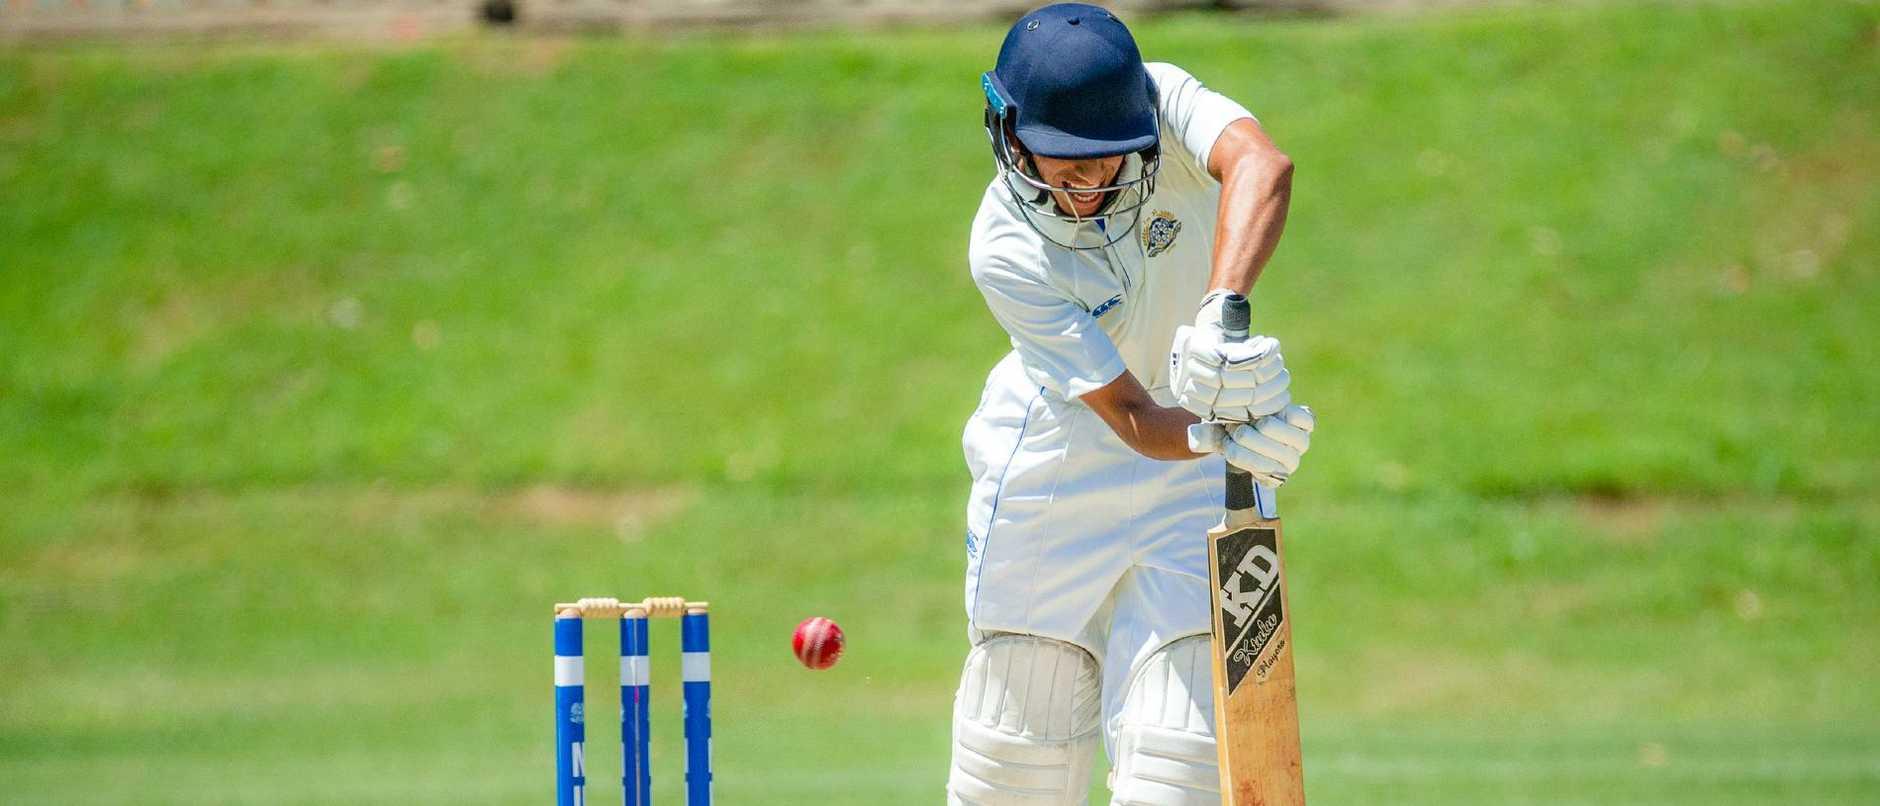 Nudgee batsman Vidur Seghal.                                  (AAP Image/Richard Walker)